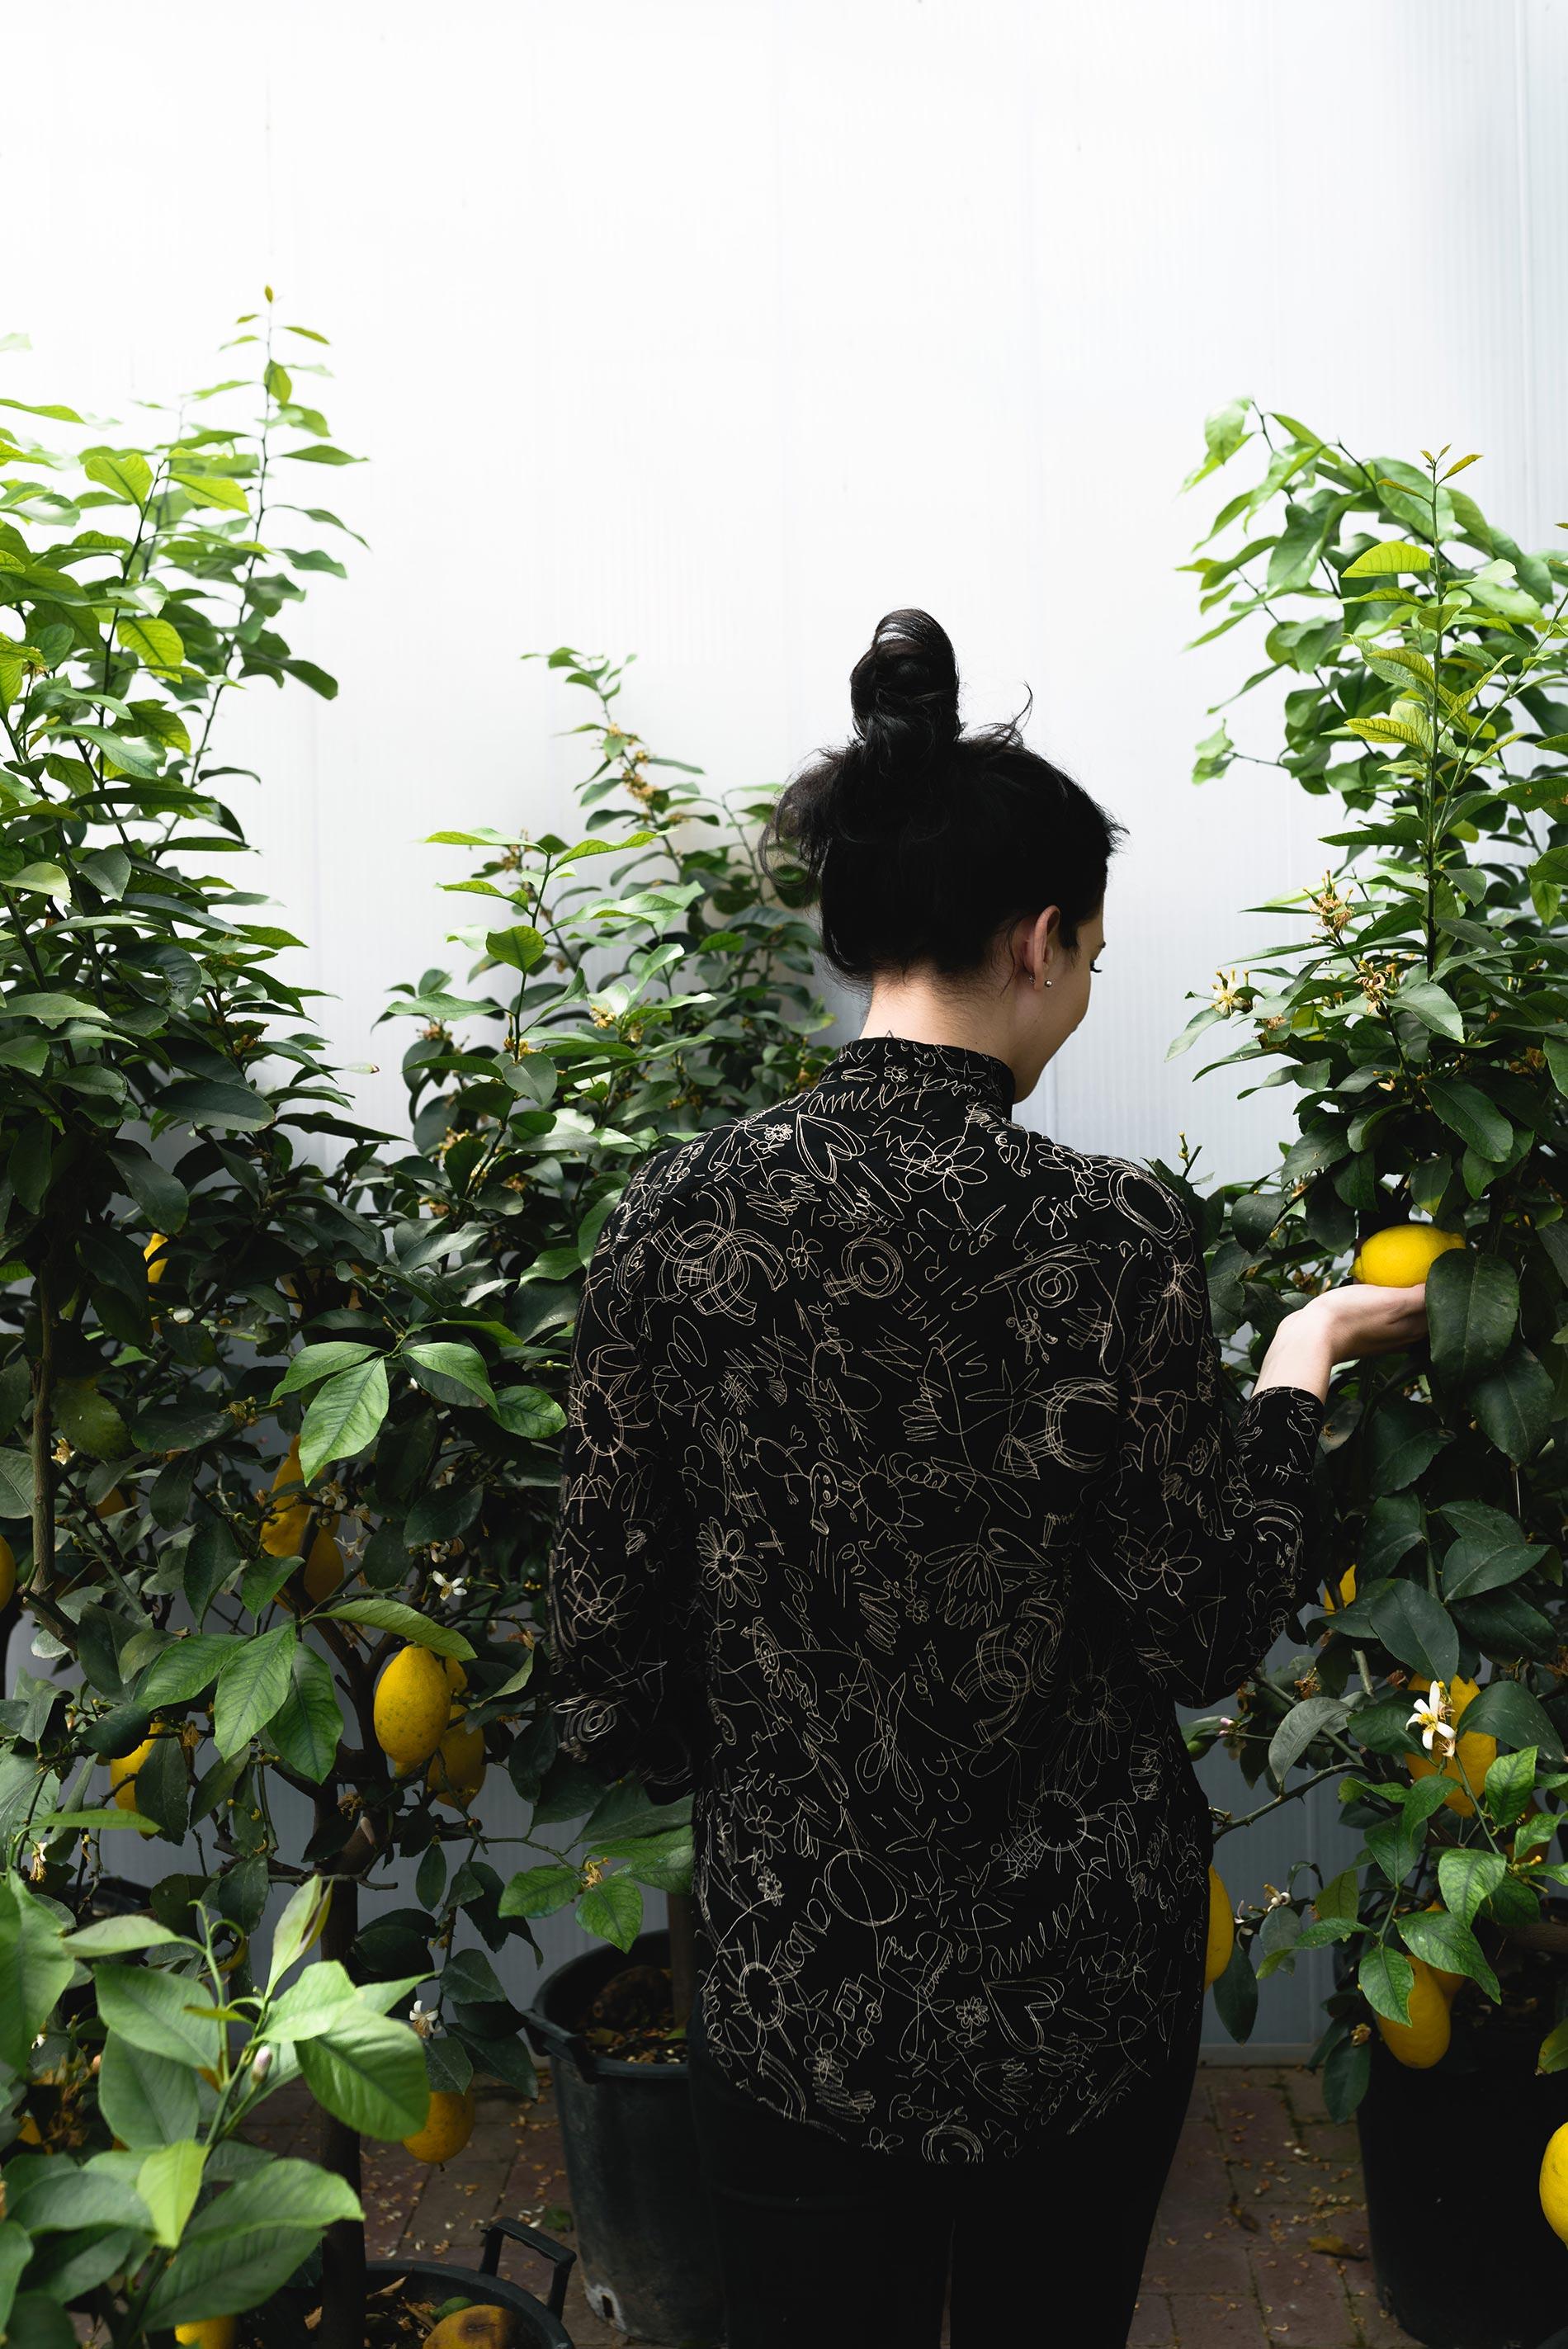 Pianta del limone consigli e cura